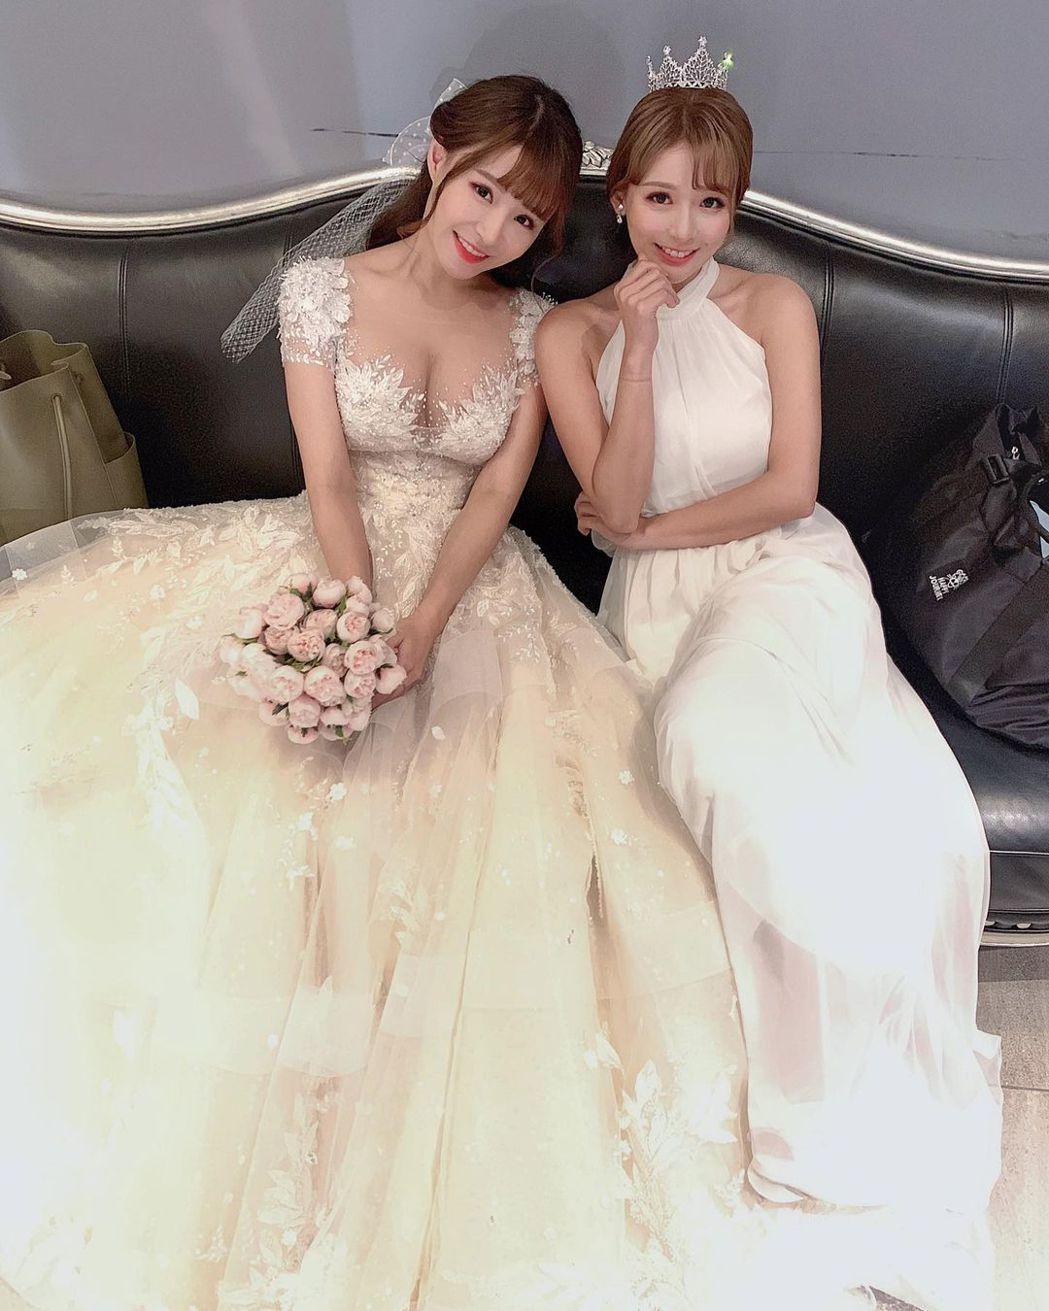 元元與林莎去年一起拍婚紗照。圖/擷自IG